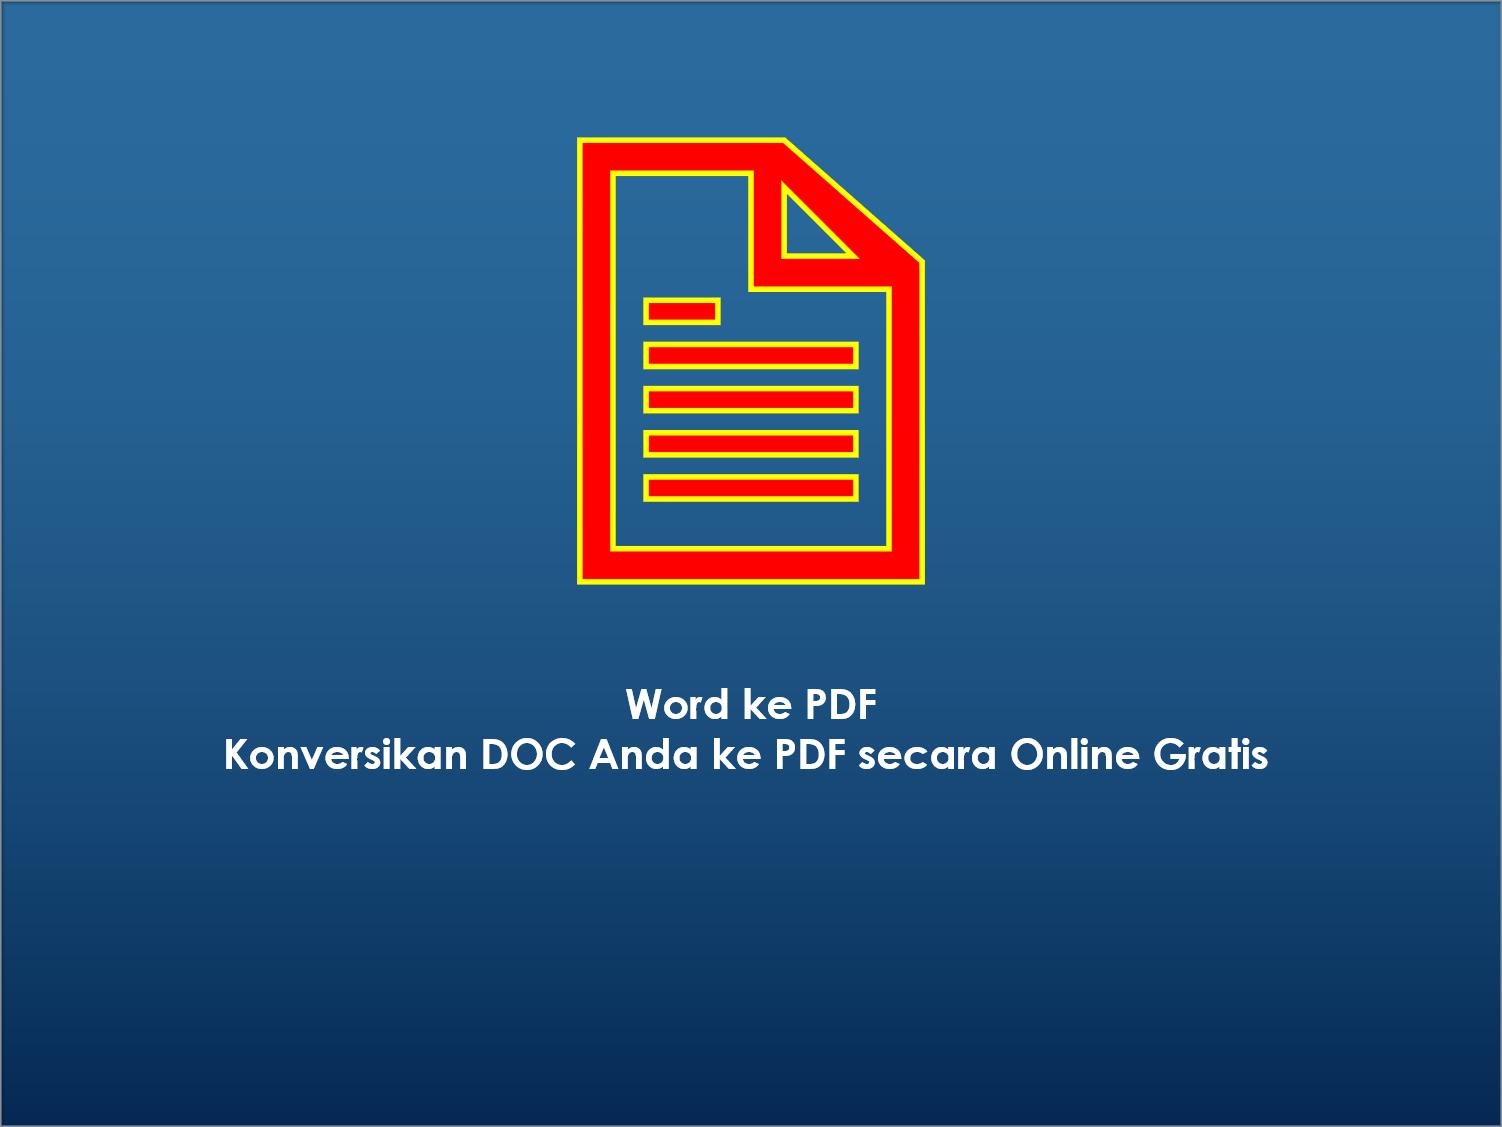 Word ke PDF_Konversikan DOC Anda ke PDF secara Online Gratis